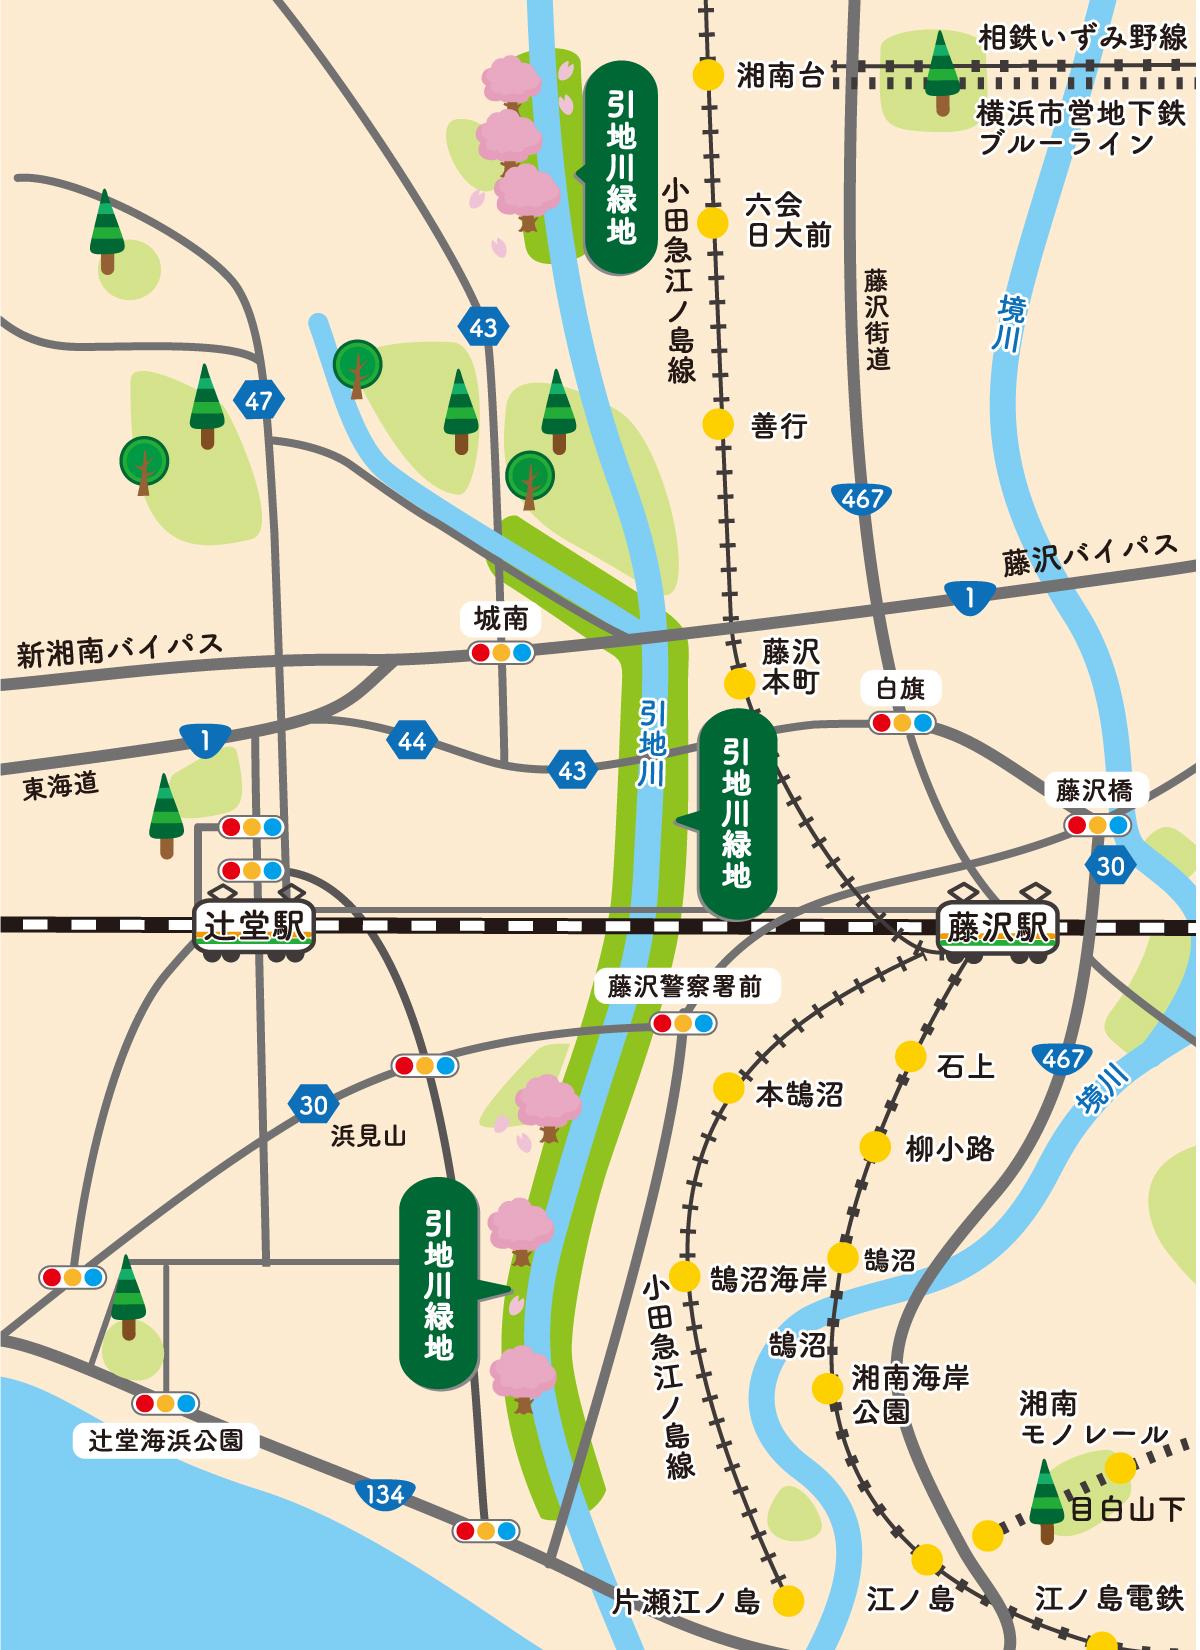 引地川緑地マップ